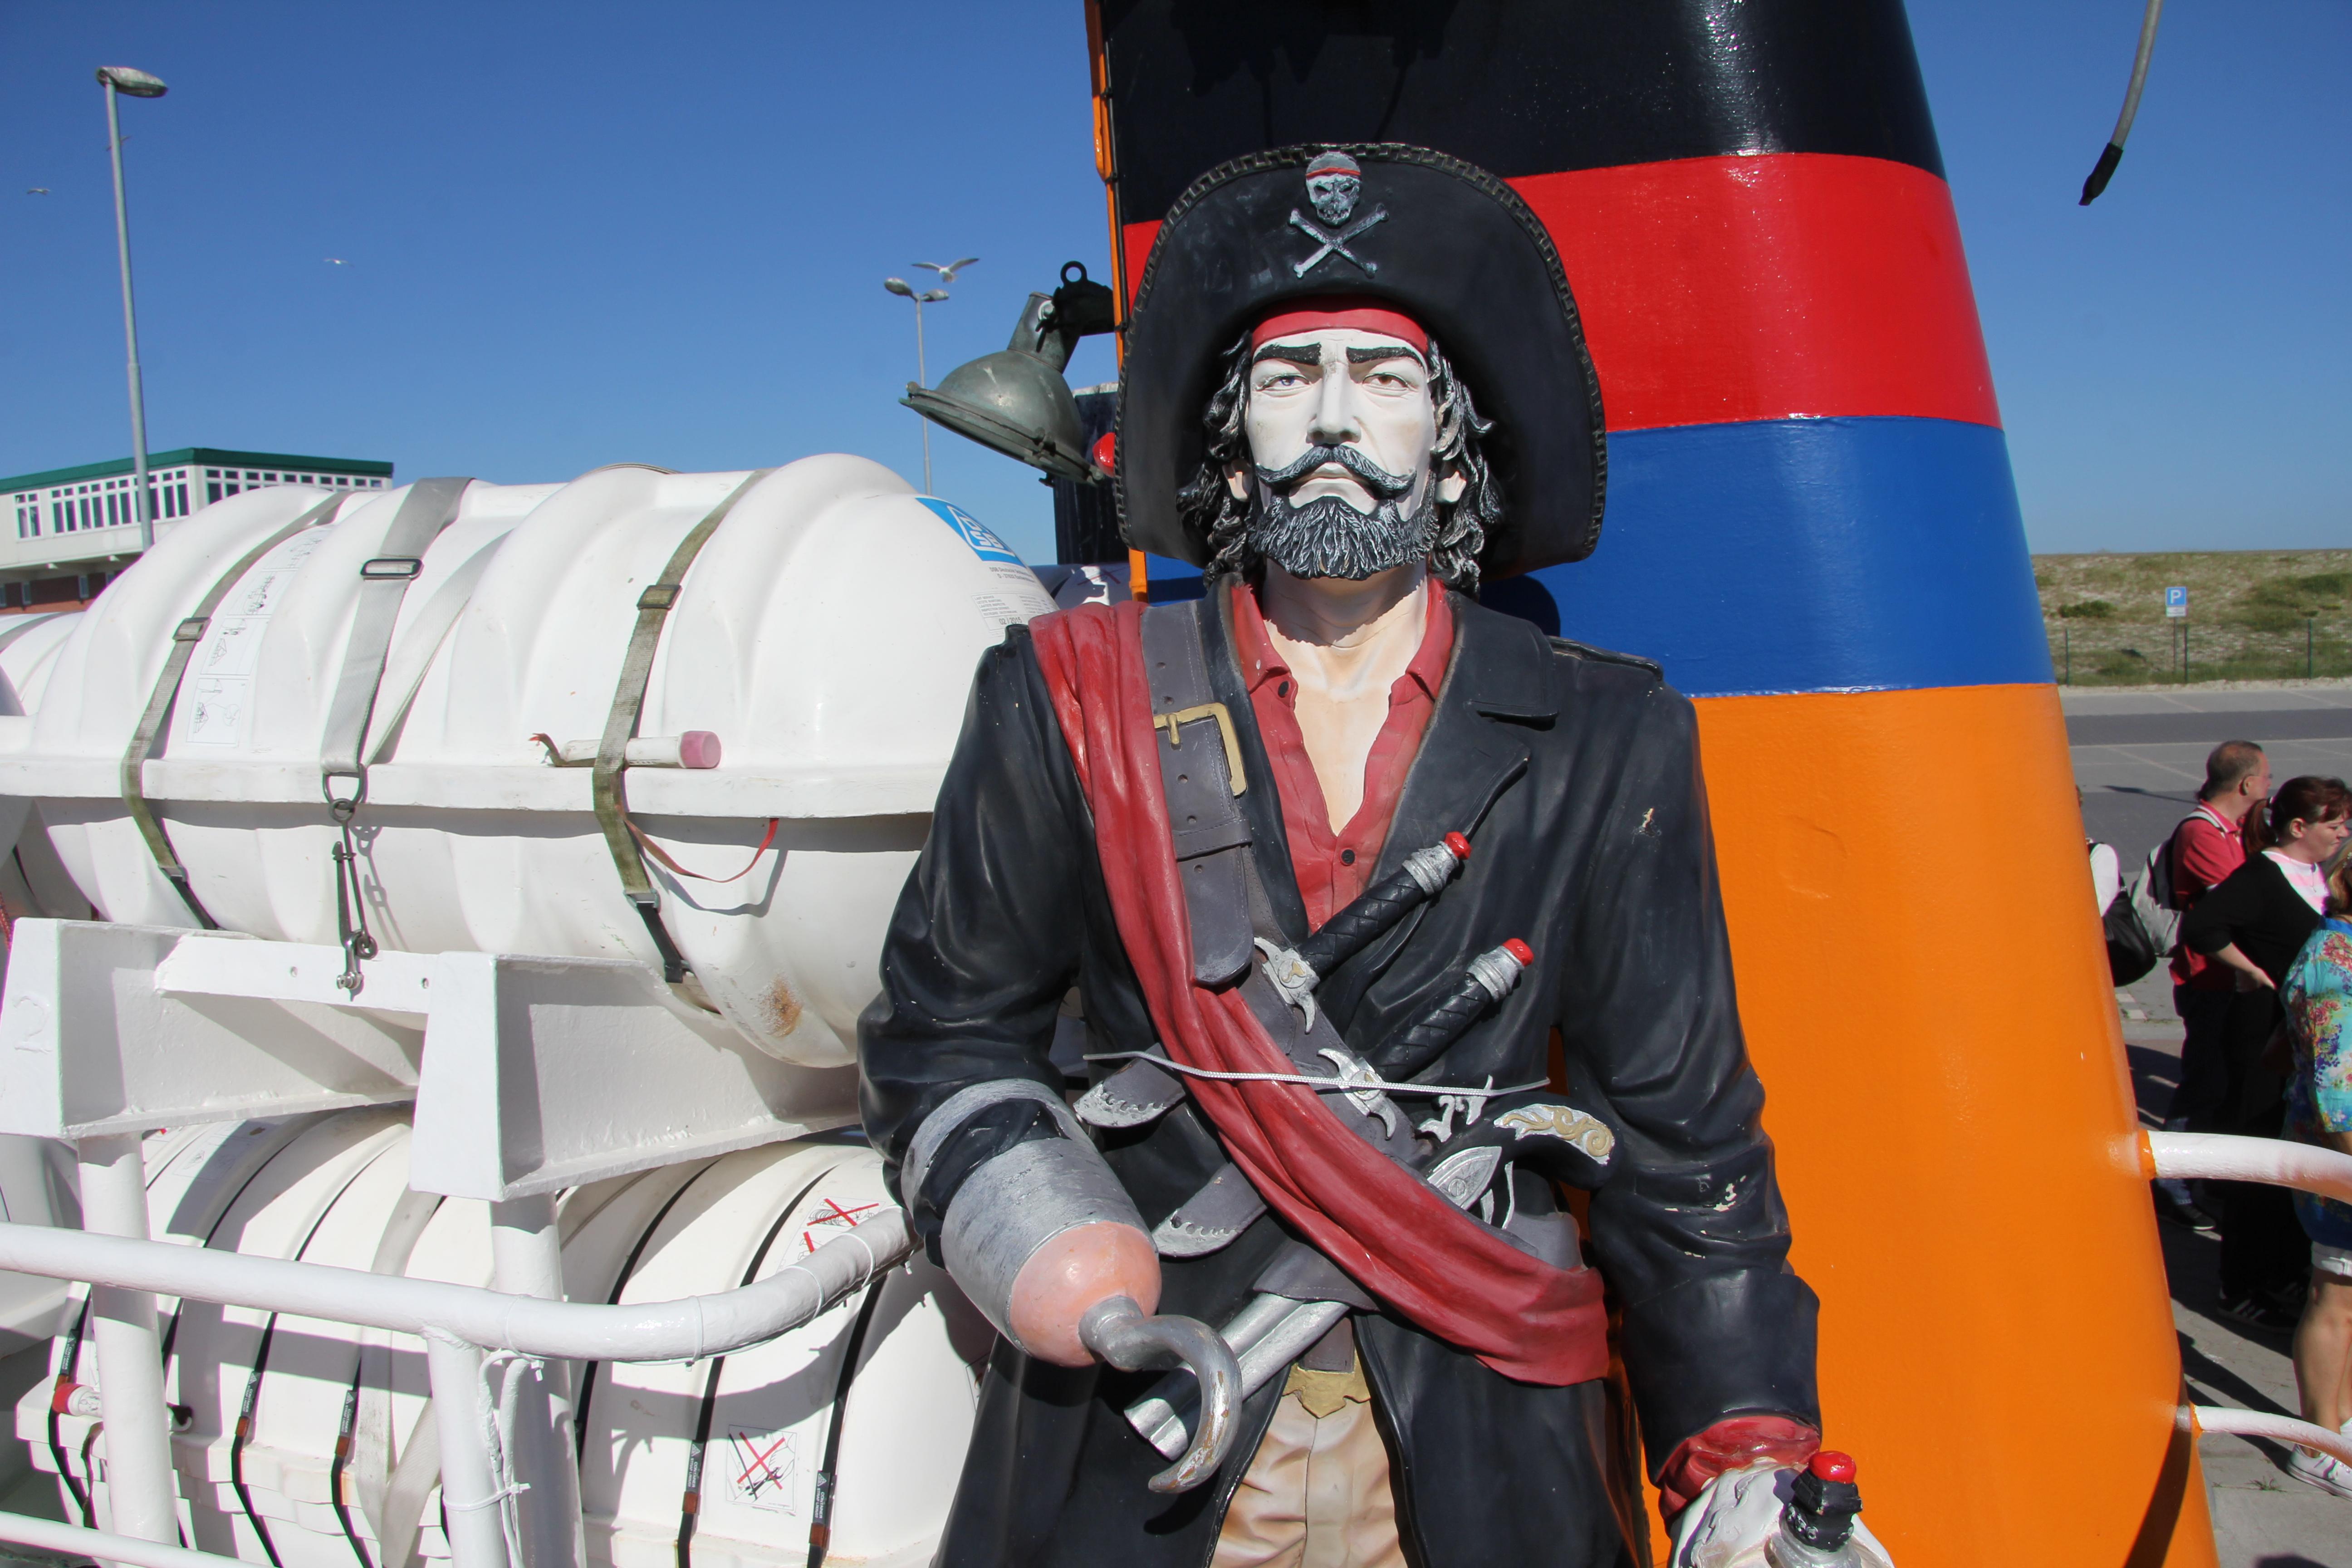 Piratenfahrten auf See ab Dornumersiel